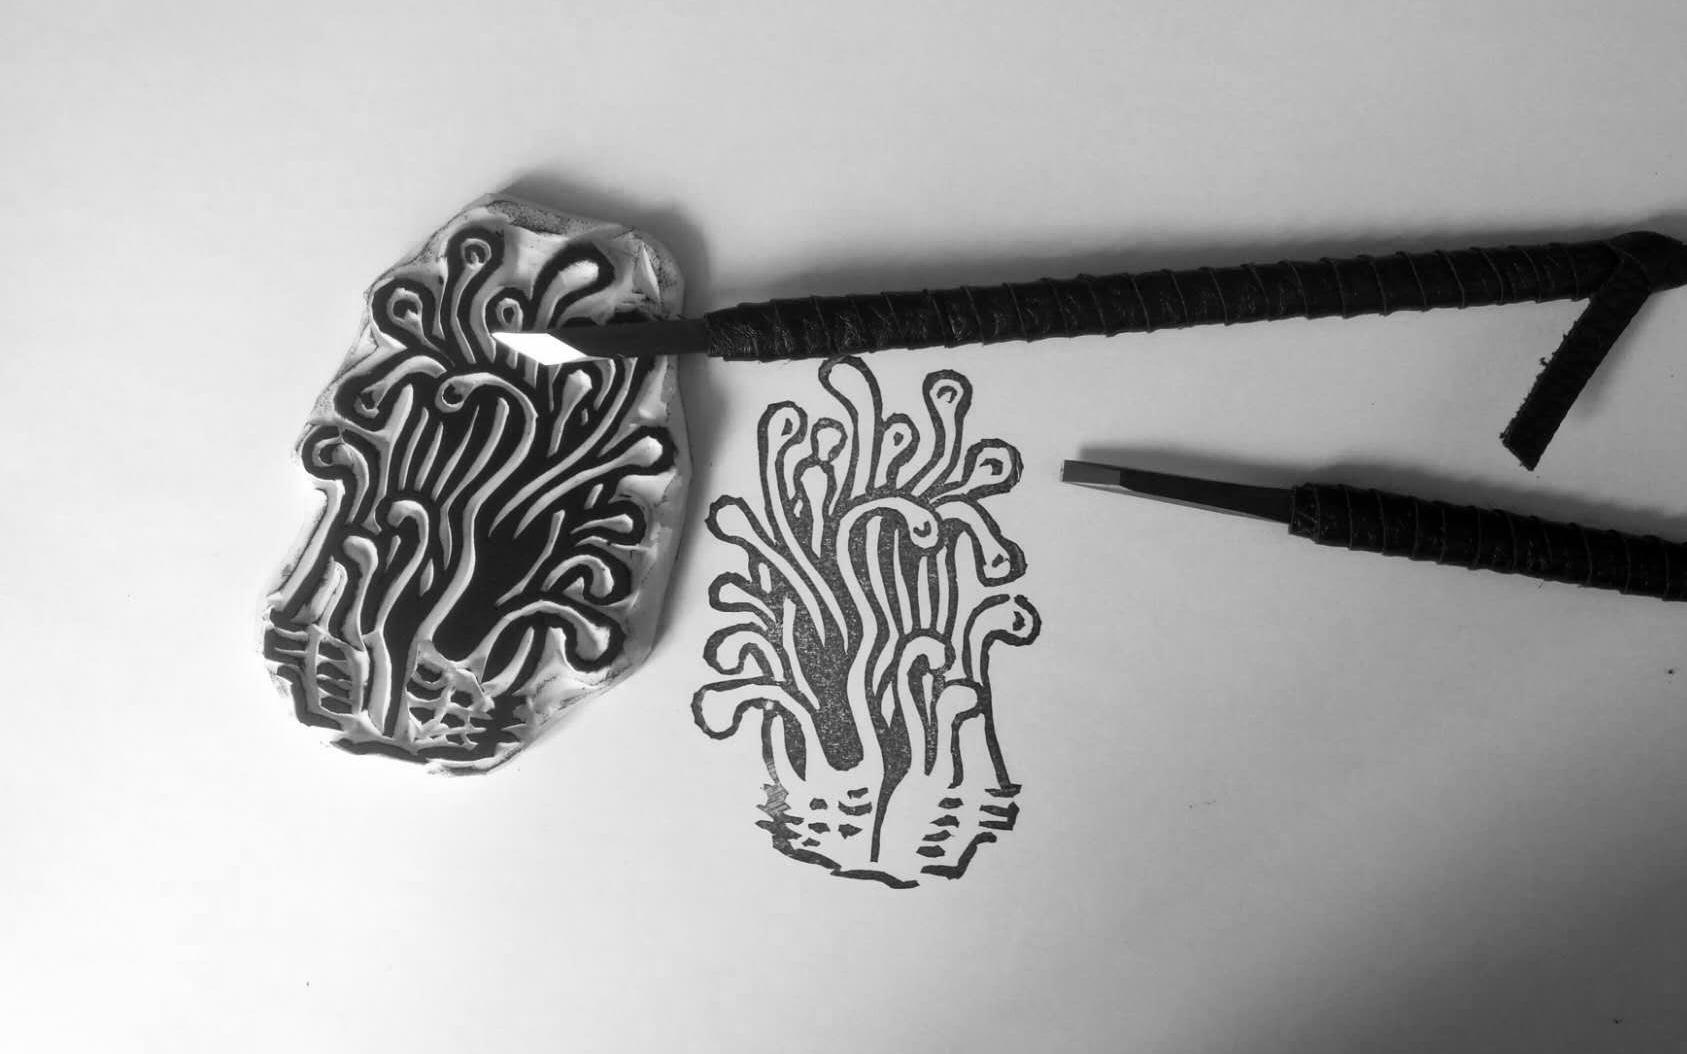 野生菌品牌包装设计—意形社